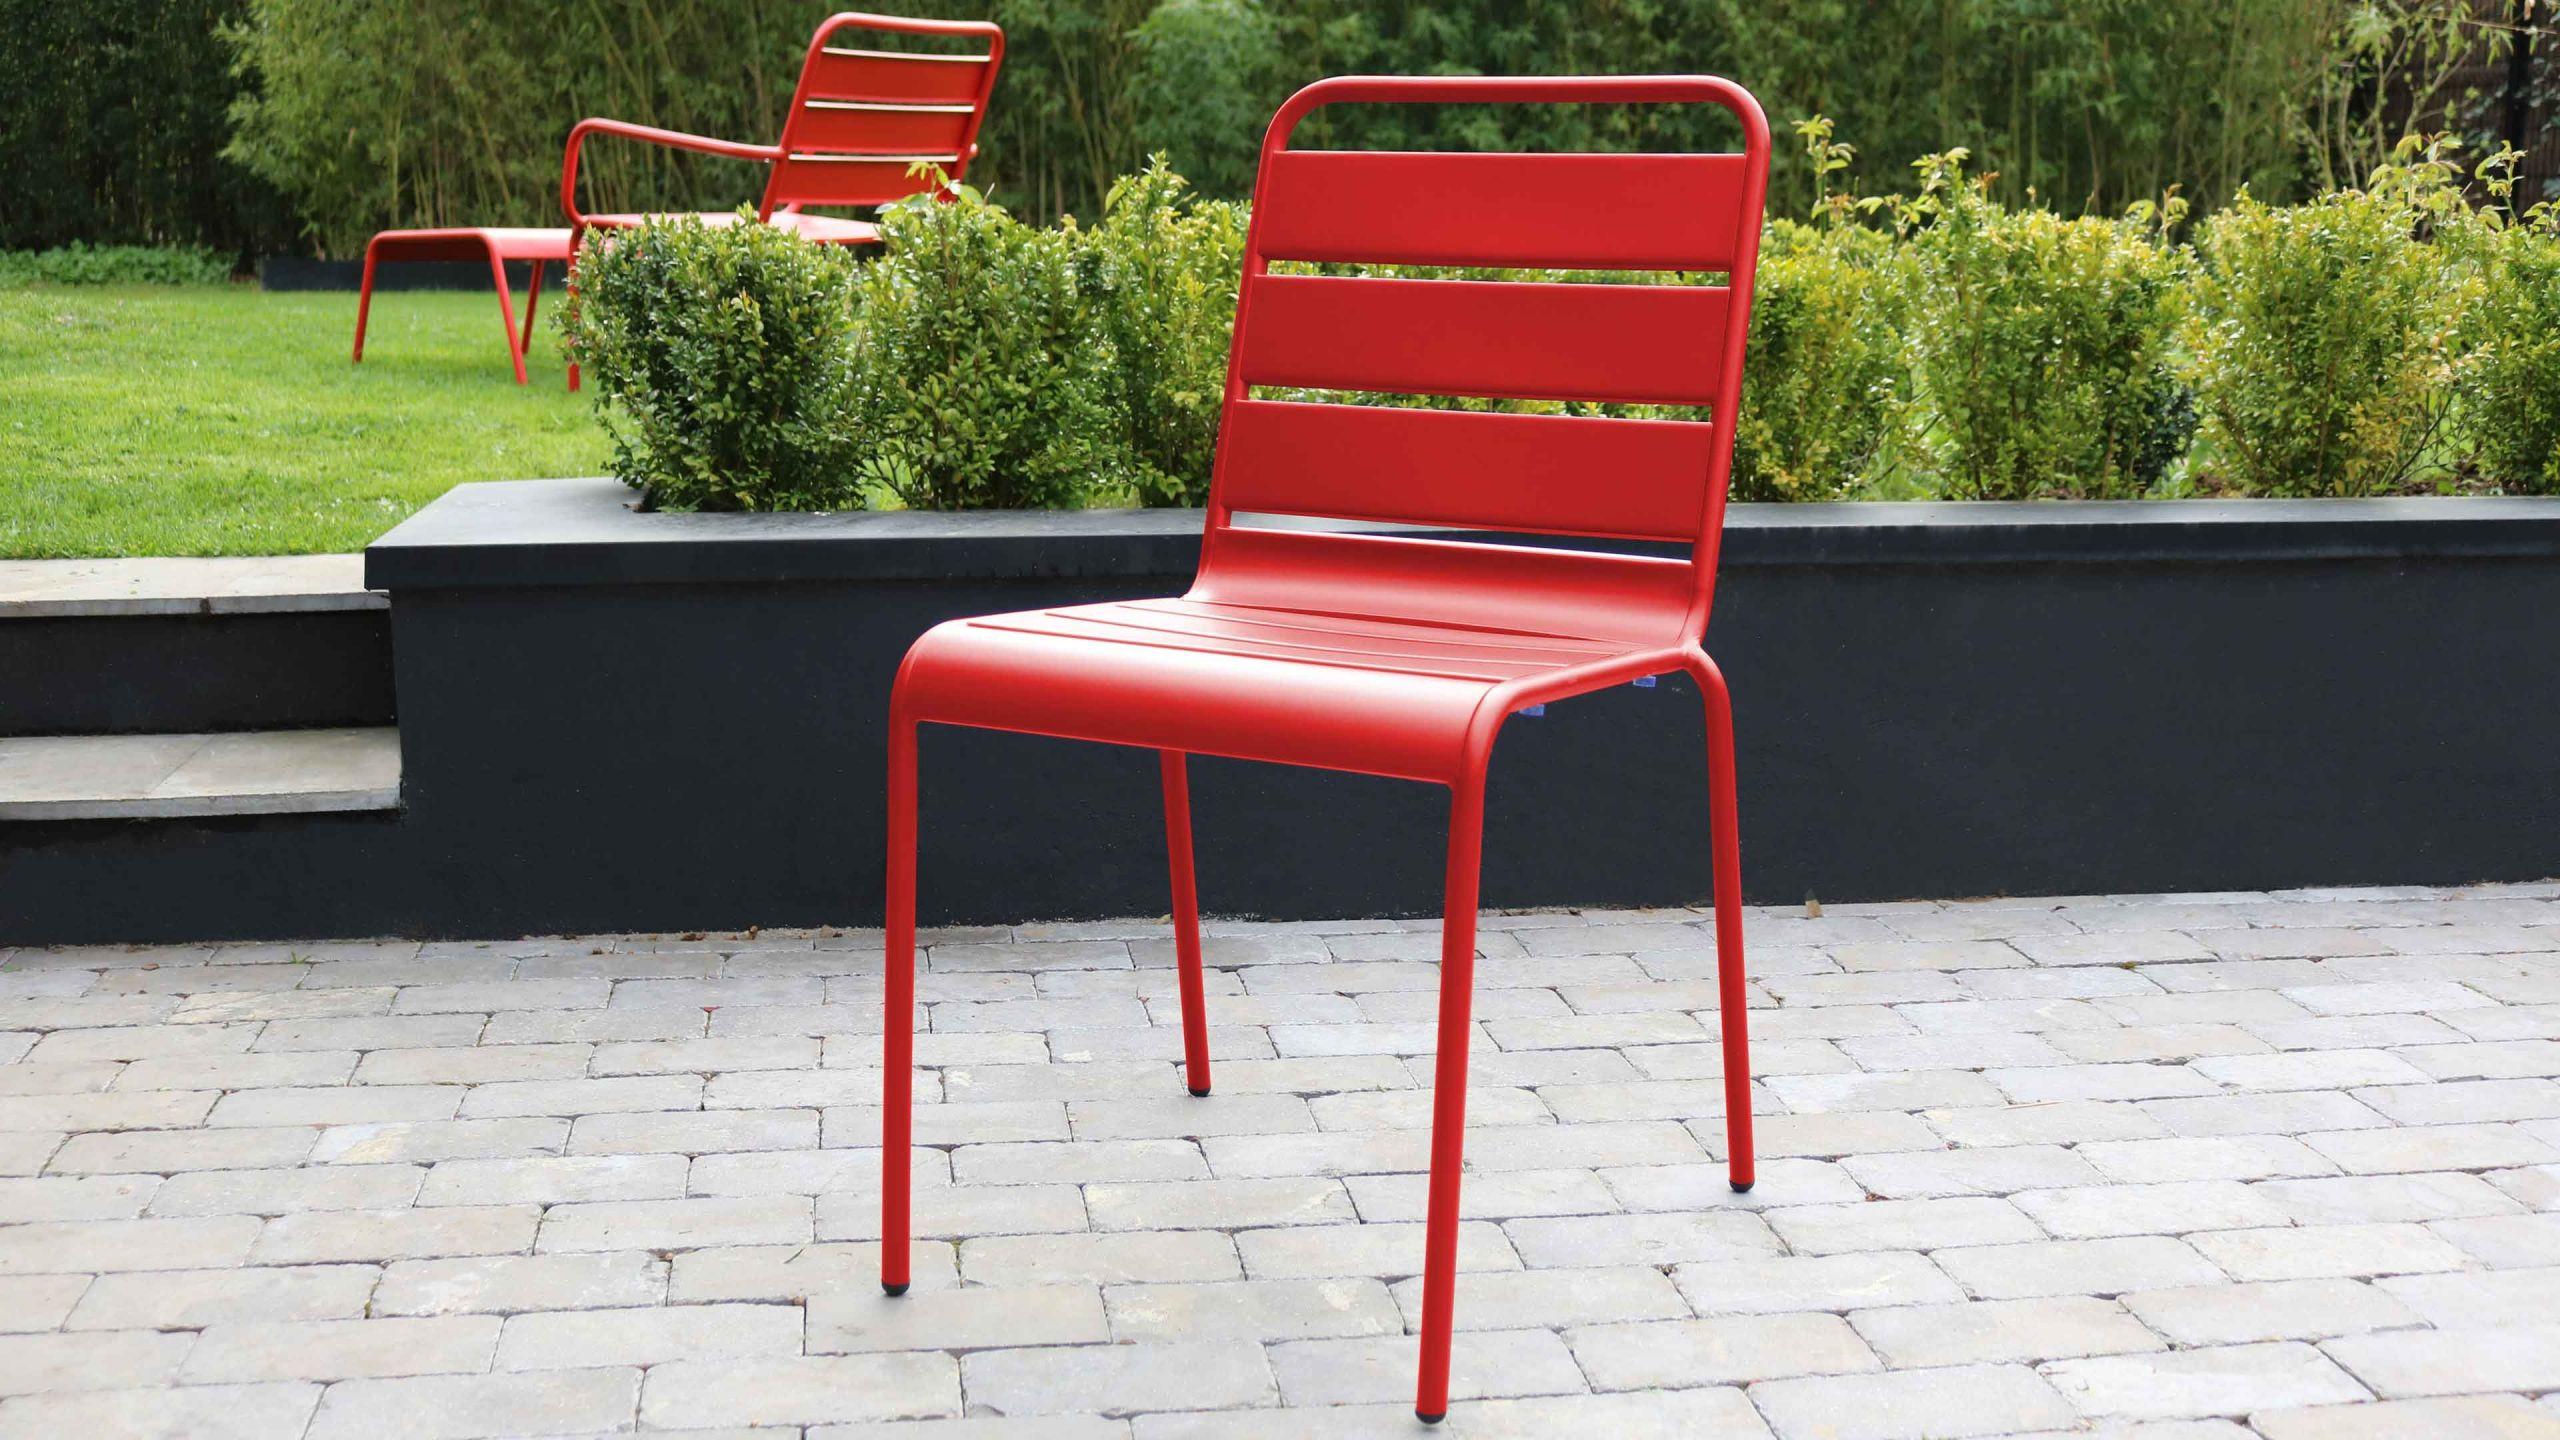 Table Jardin Chaises Frais Table Et Chaise Pour Terrasse Pas Cher Of 40 Nouveau Table Jardin Chaises